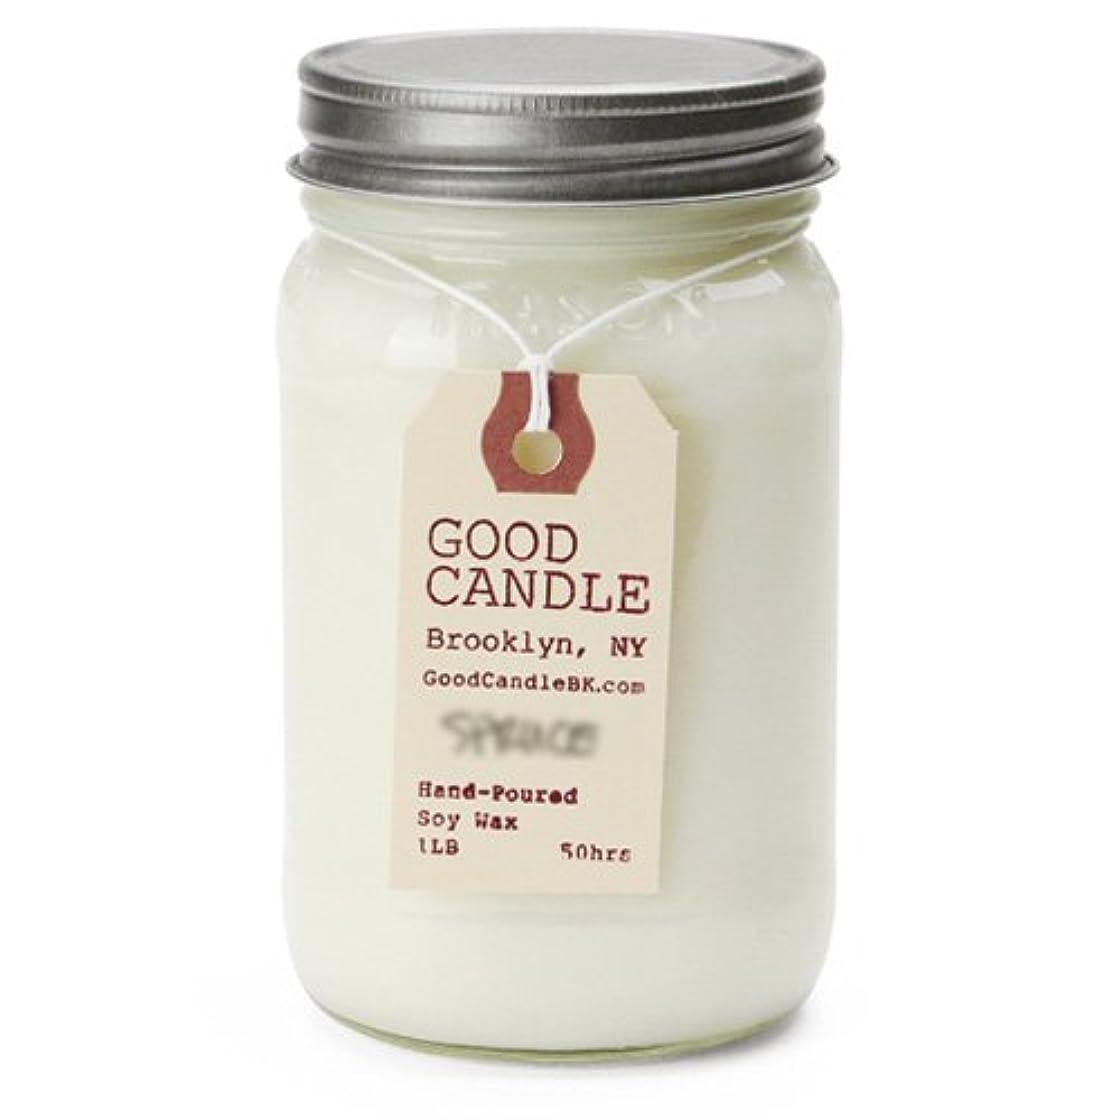 コマースセイはさておき部分的にグッドキャンドル 1ポンド メイソンジャー キャンドル Good Candle 1LB Mason jar candle [ bayberry ] 正規品